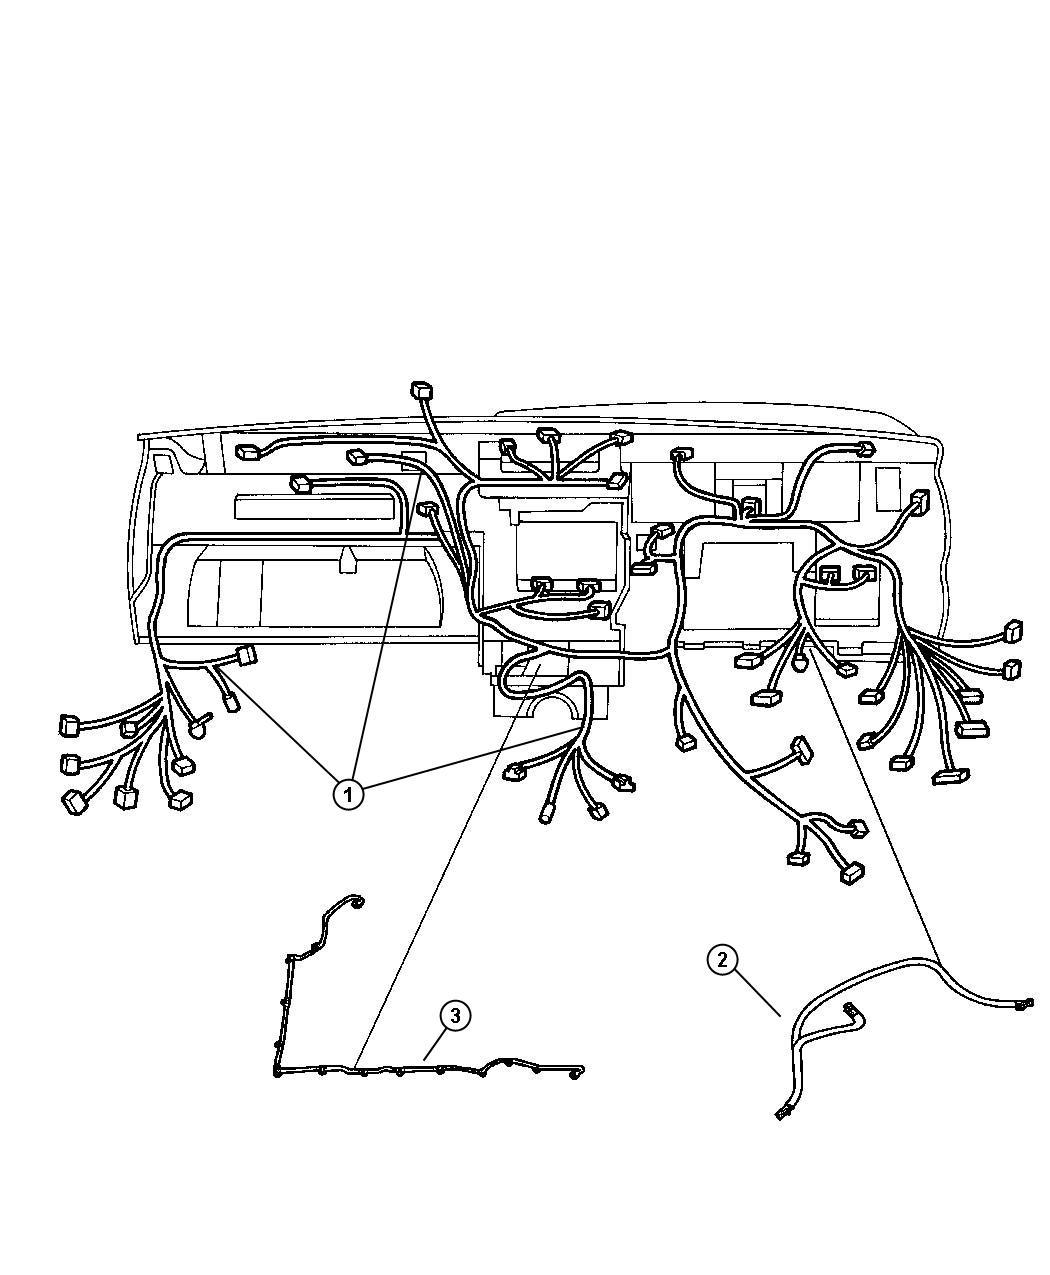 2006 jeep grand cherokee speaker wiring diagram